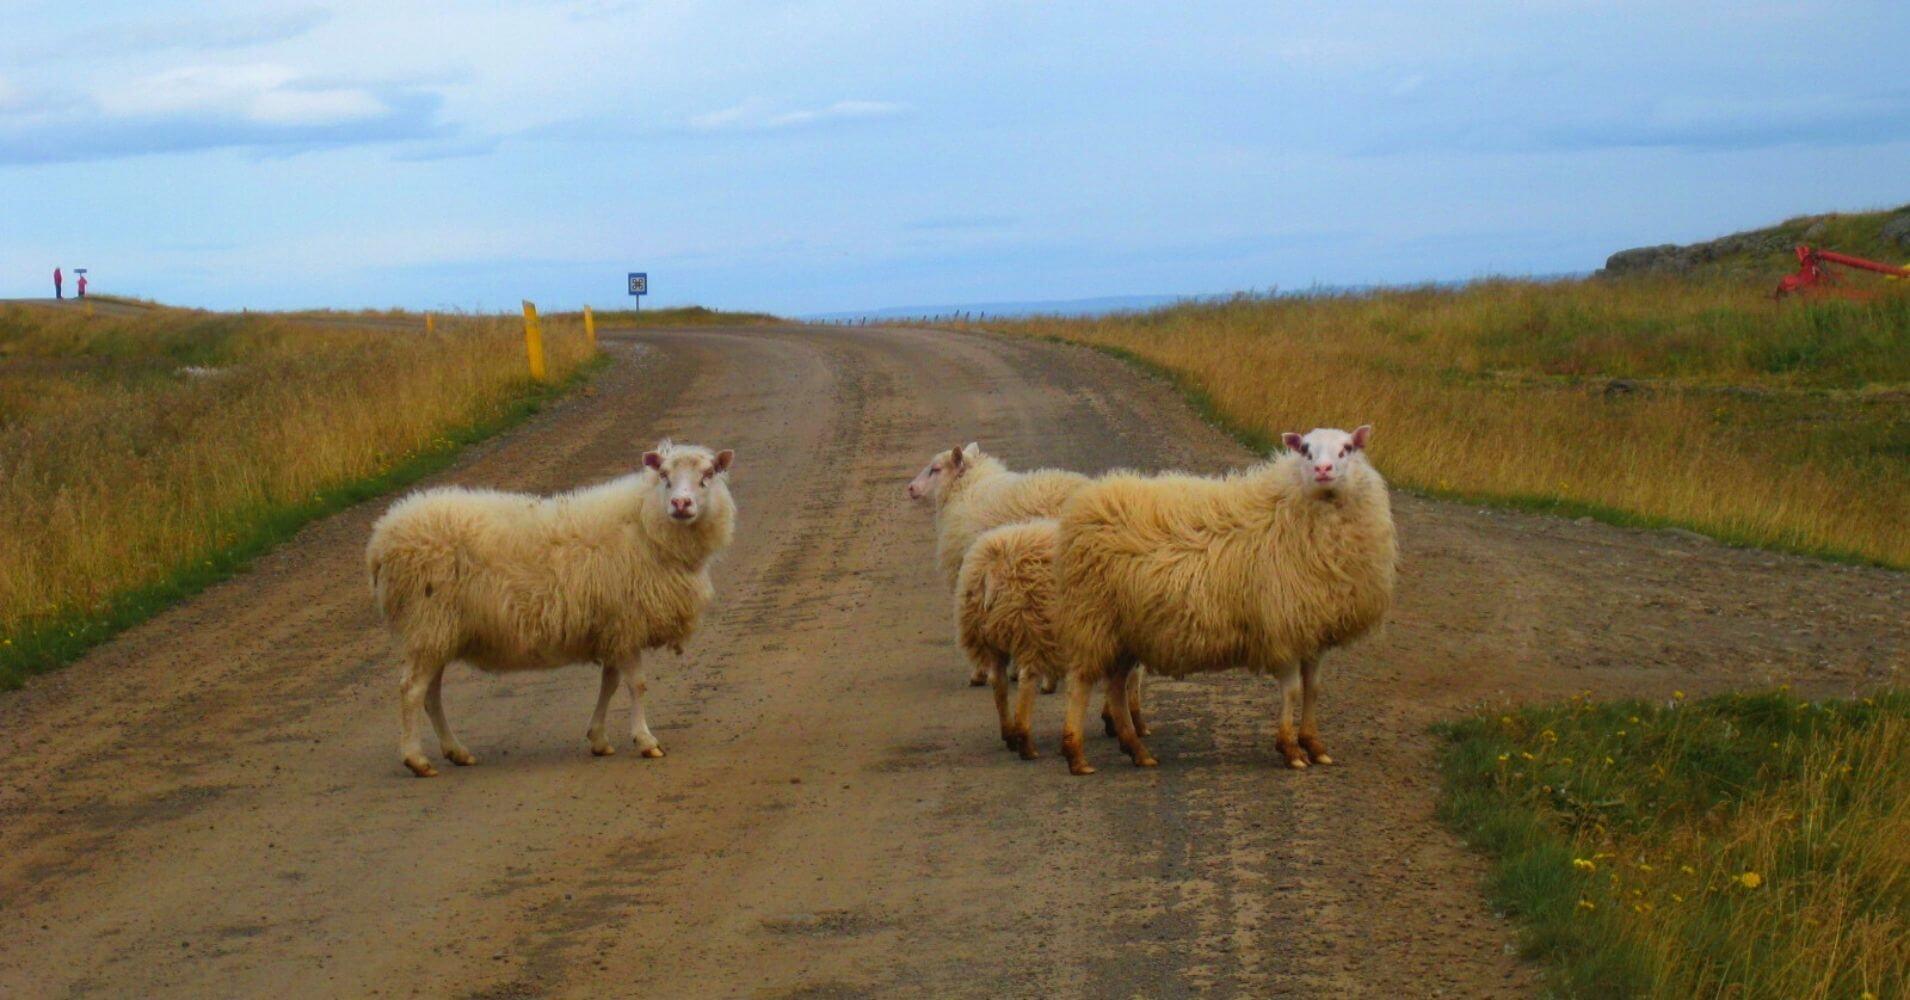 Ovejas en la Carretera. Hvammstangi. Norðurland Vestra. Islandia.